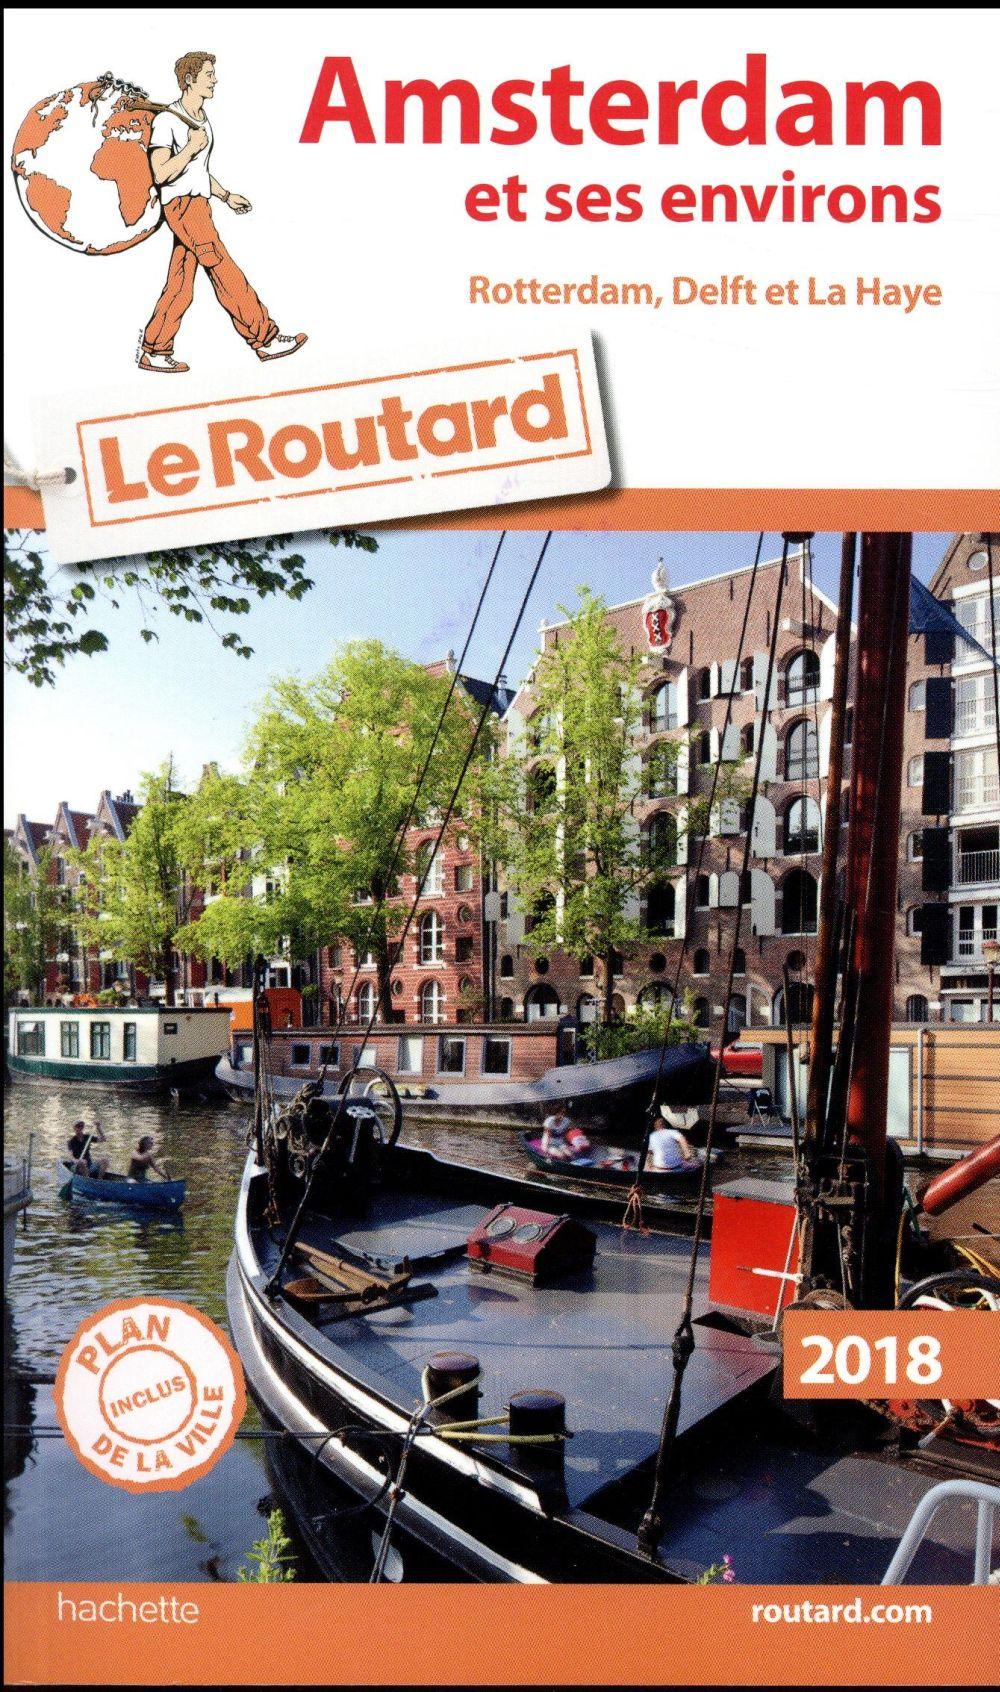 Guide du Routard ; Amsterdam et ses environs ; Rotterdam, Delft et La Haye (édition 2018)